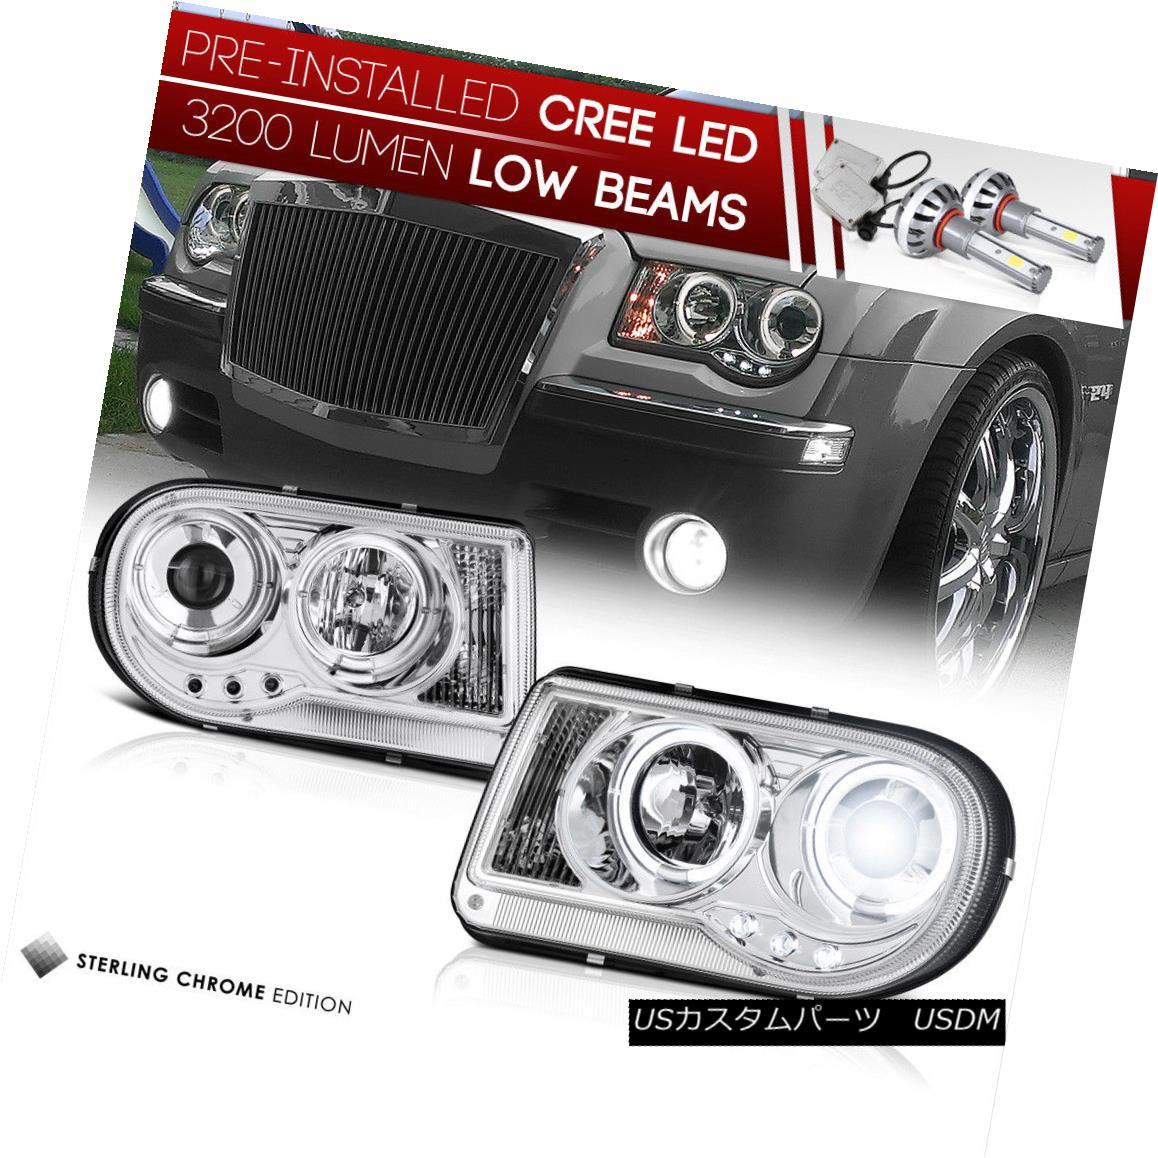 ヘッドライト [LED LOW BEAM] 2005-2010 Chrysler 300C CHROME Angel Eye DRL Projector Headlights [LED LOW BEAM] 2005-2010 Chrysler 300C CHROMEエンジェルアイDRLプロジェクターヘッドライト